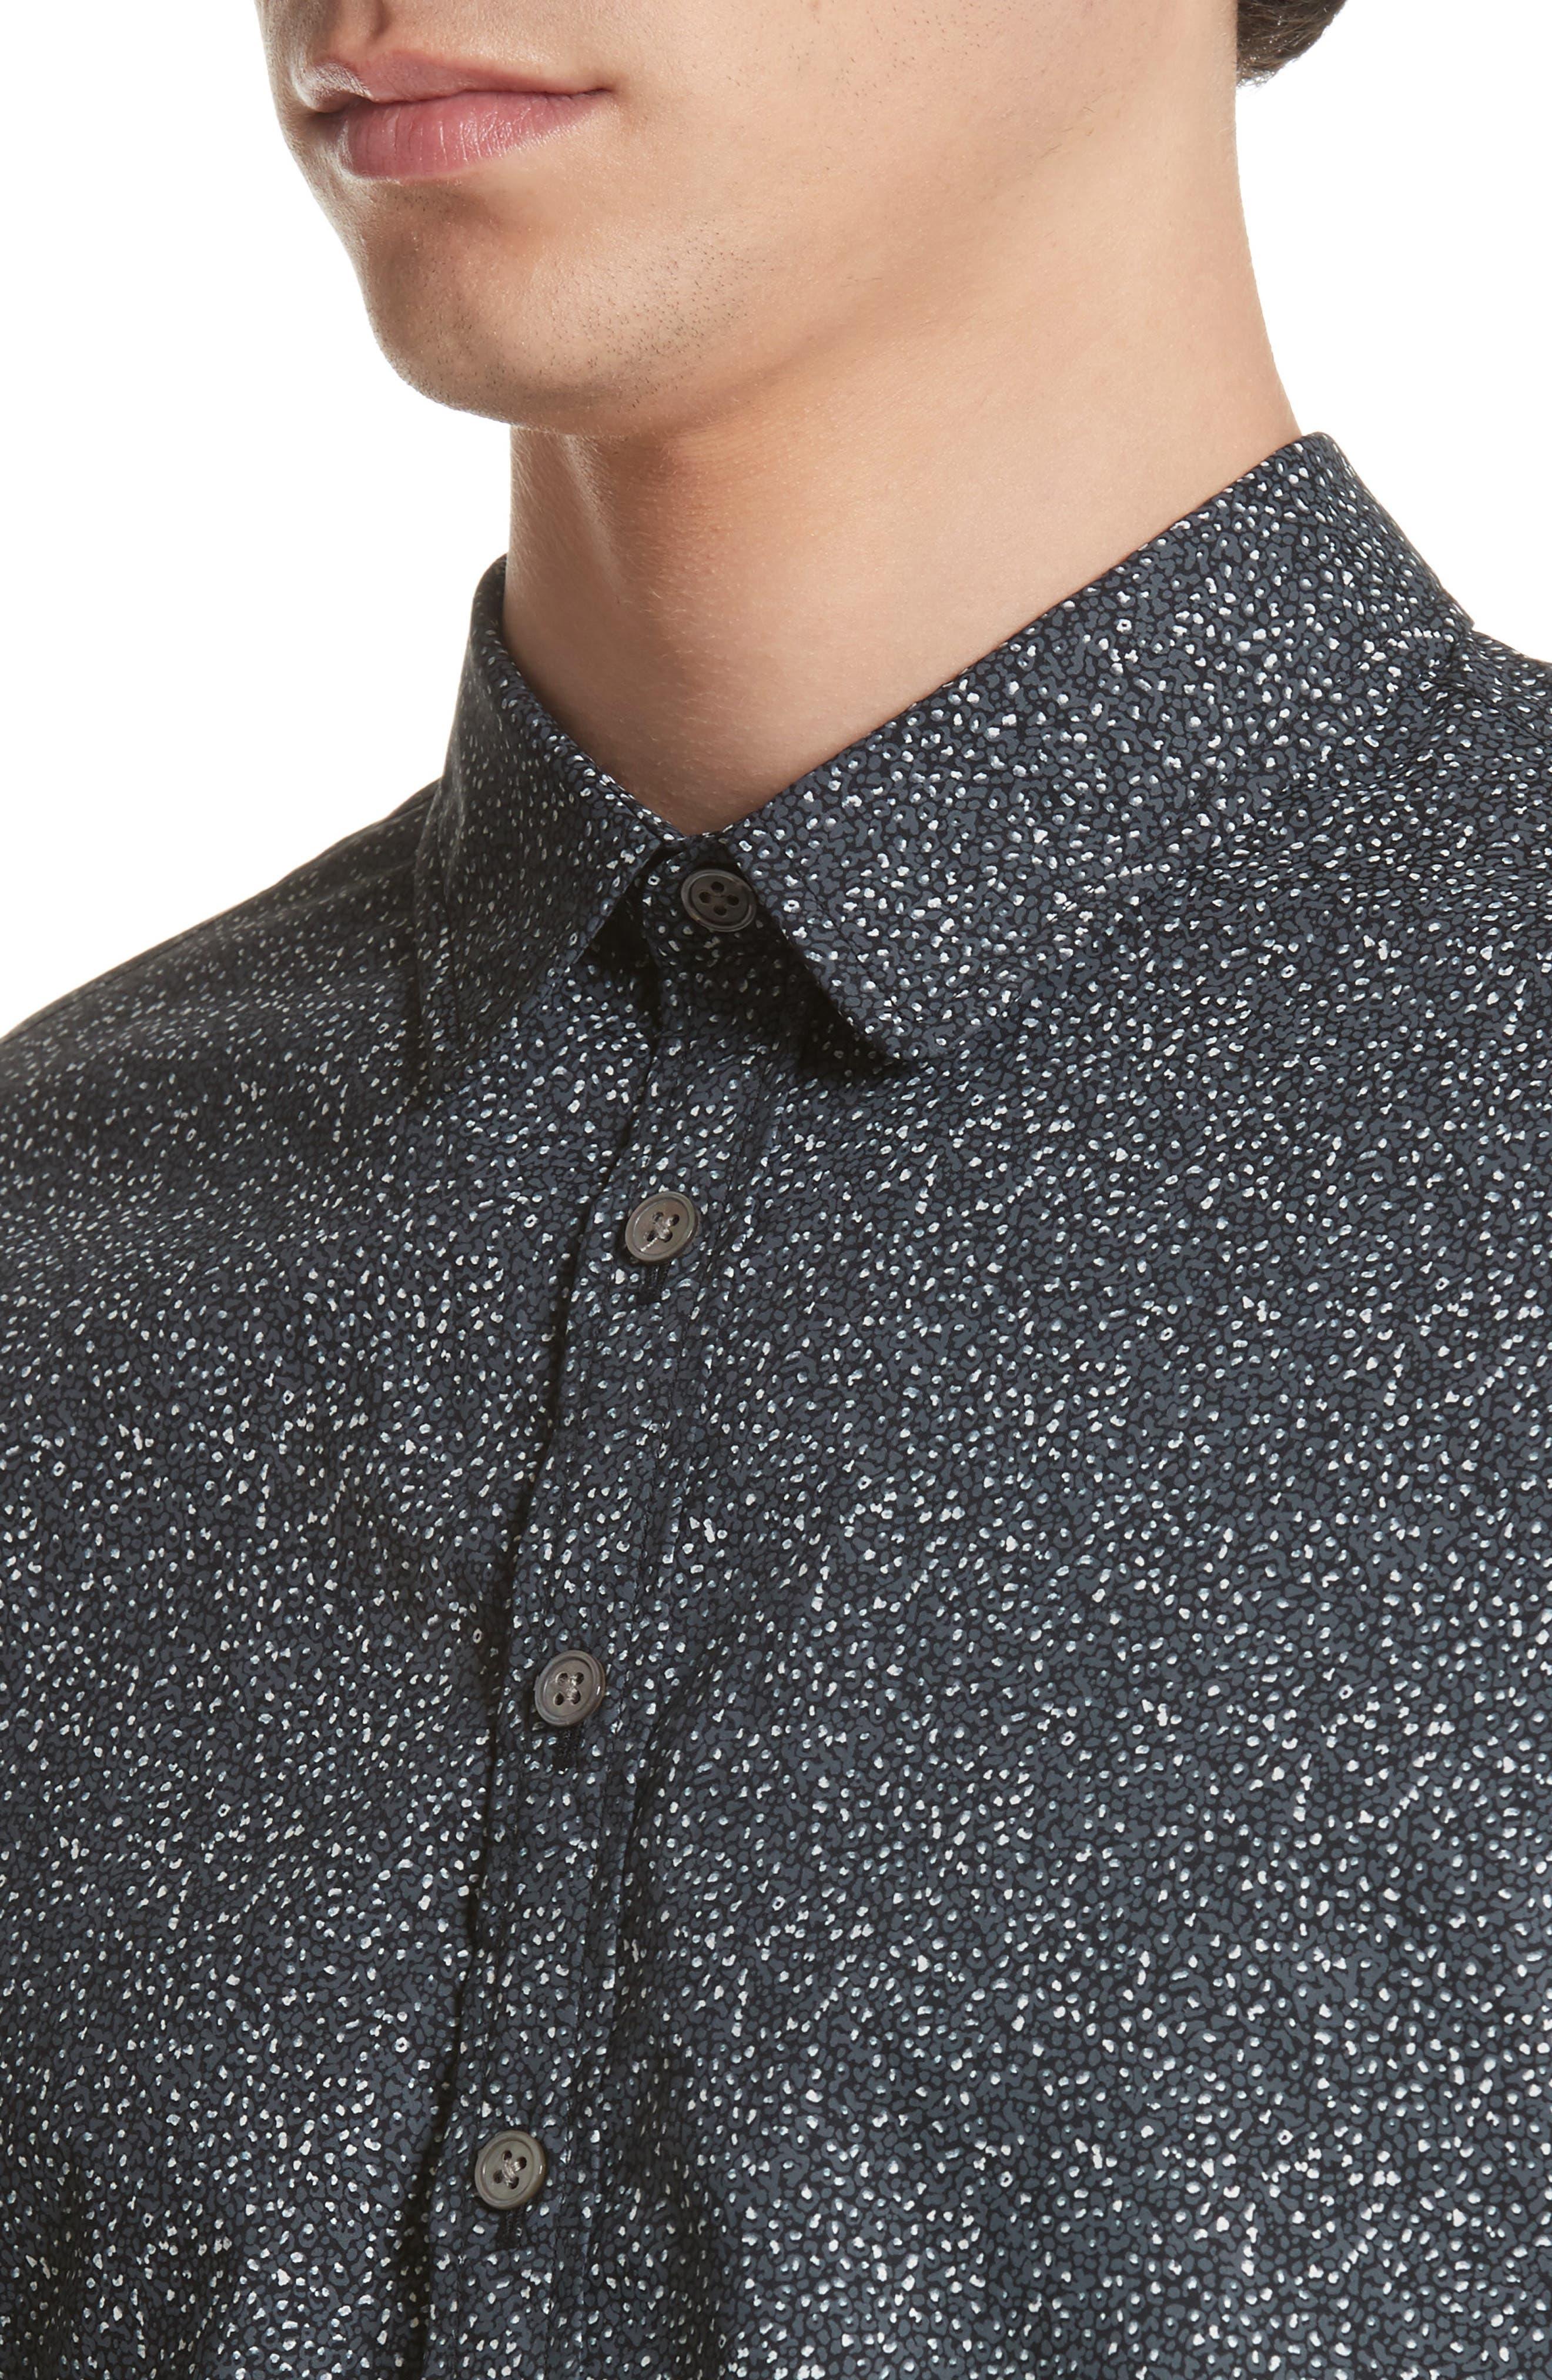 Dot Print Shirt,                             Alternate thumbnail 5, color,                             006